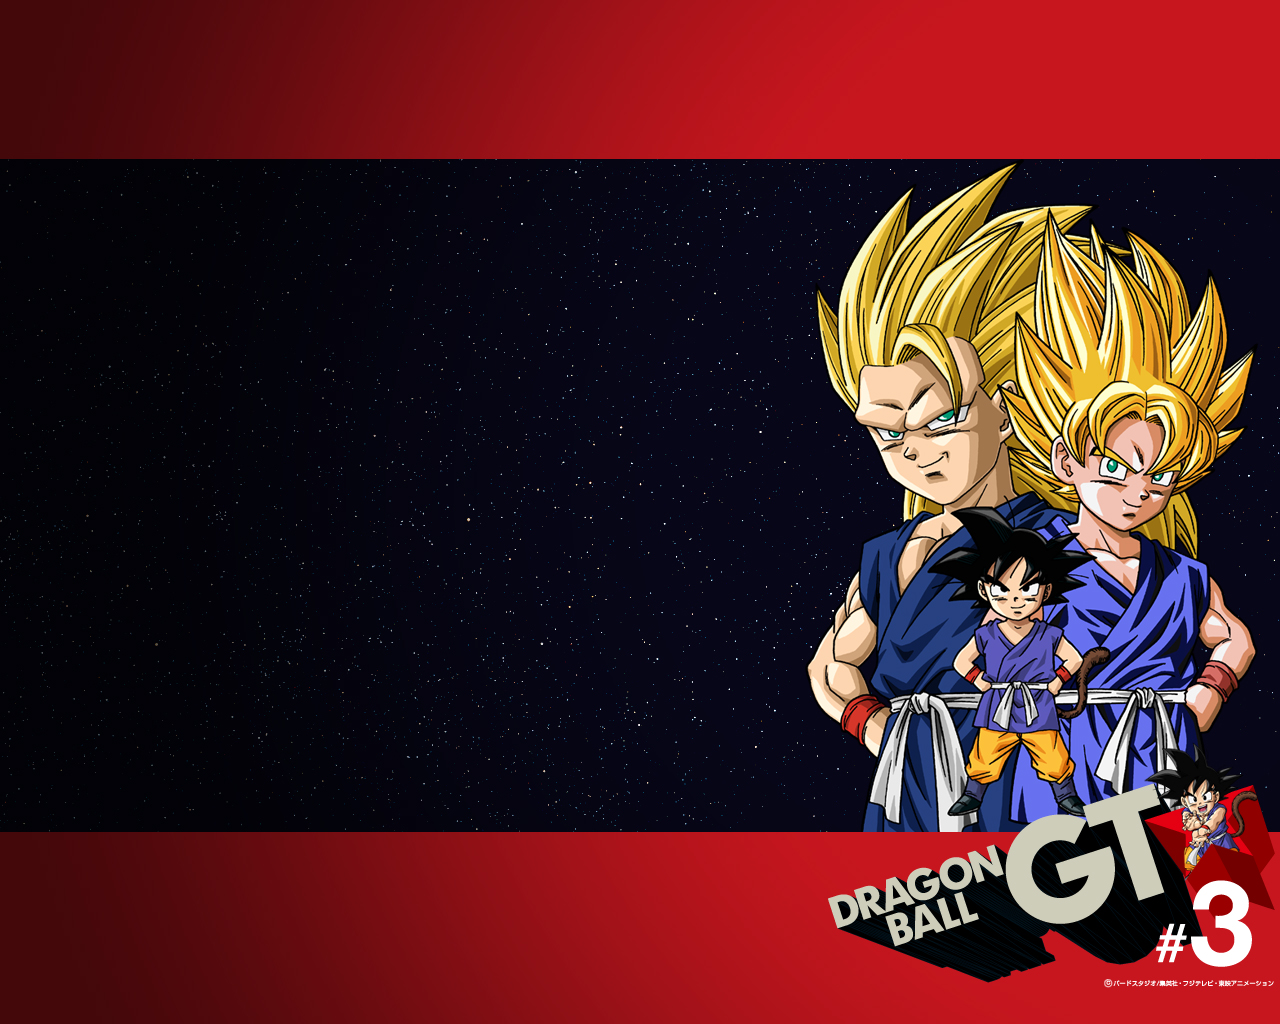 http://3.bp.blogspot.com/-94wyxvncUTA/Tsxt_QuNwpI/AAAAAAAAAn4/W9aYn1wcgHE/s1600/dragn-ball-gt-goku-chibi-wallpaper-anime-manga-o-f-ibackgroundz.com.jpg